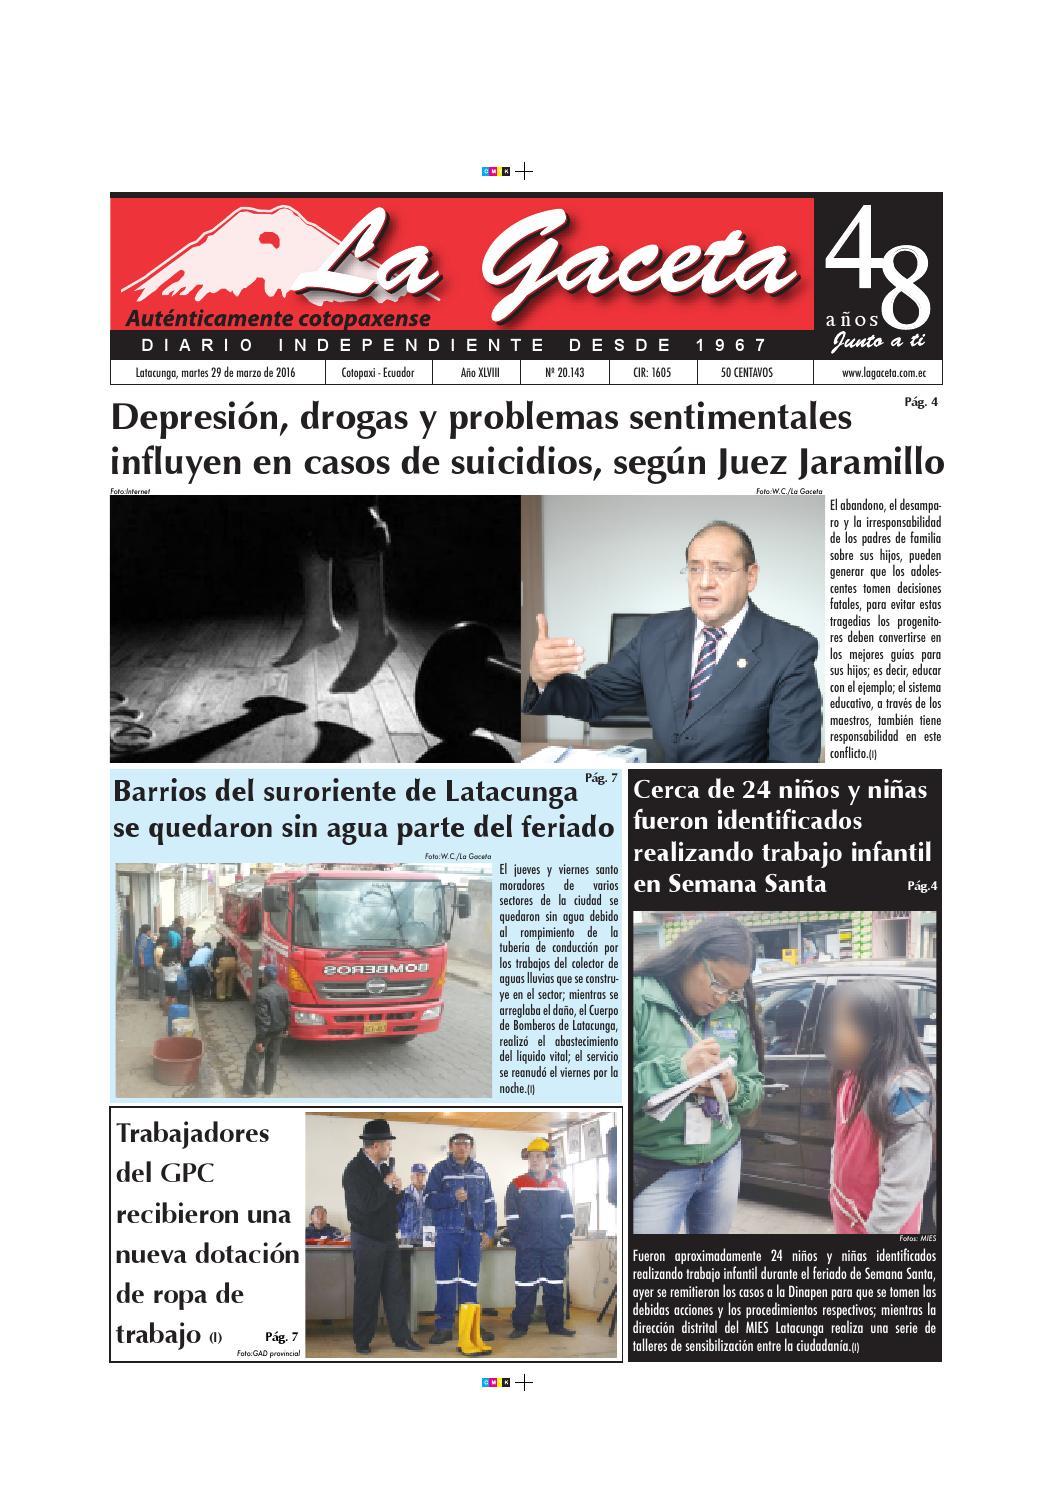 La Gaceta 29 marzo 2016 by Diario La Gaceta - issuu